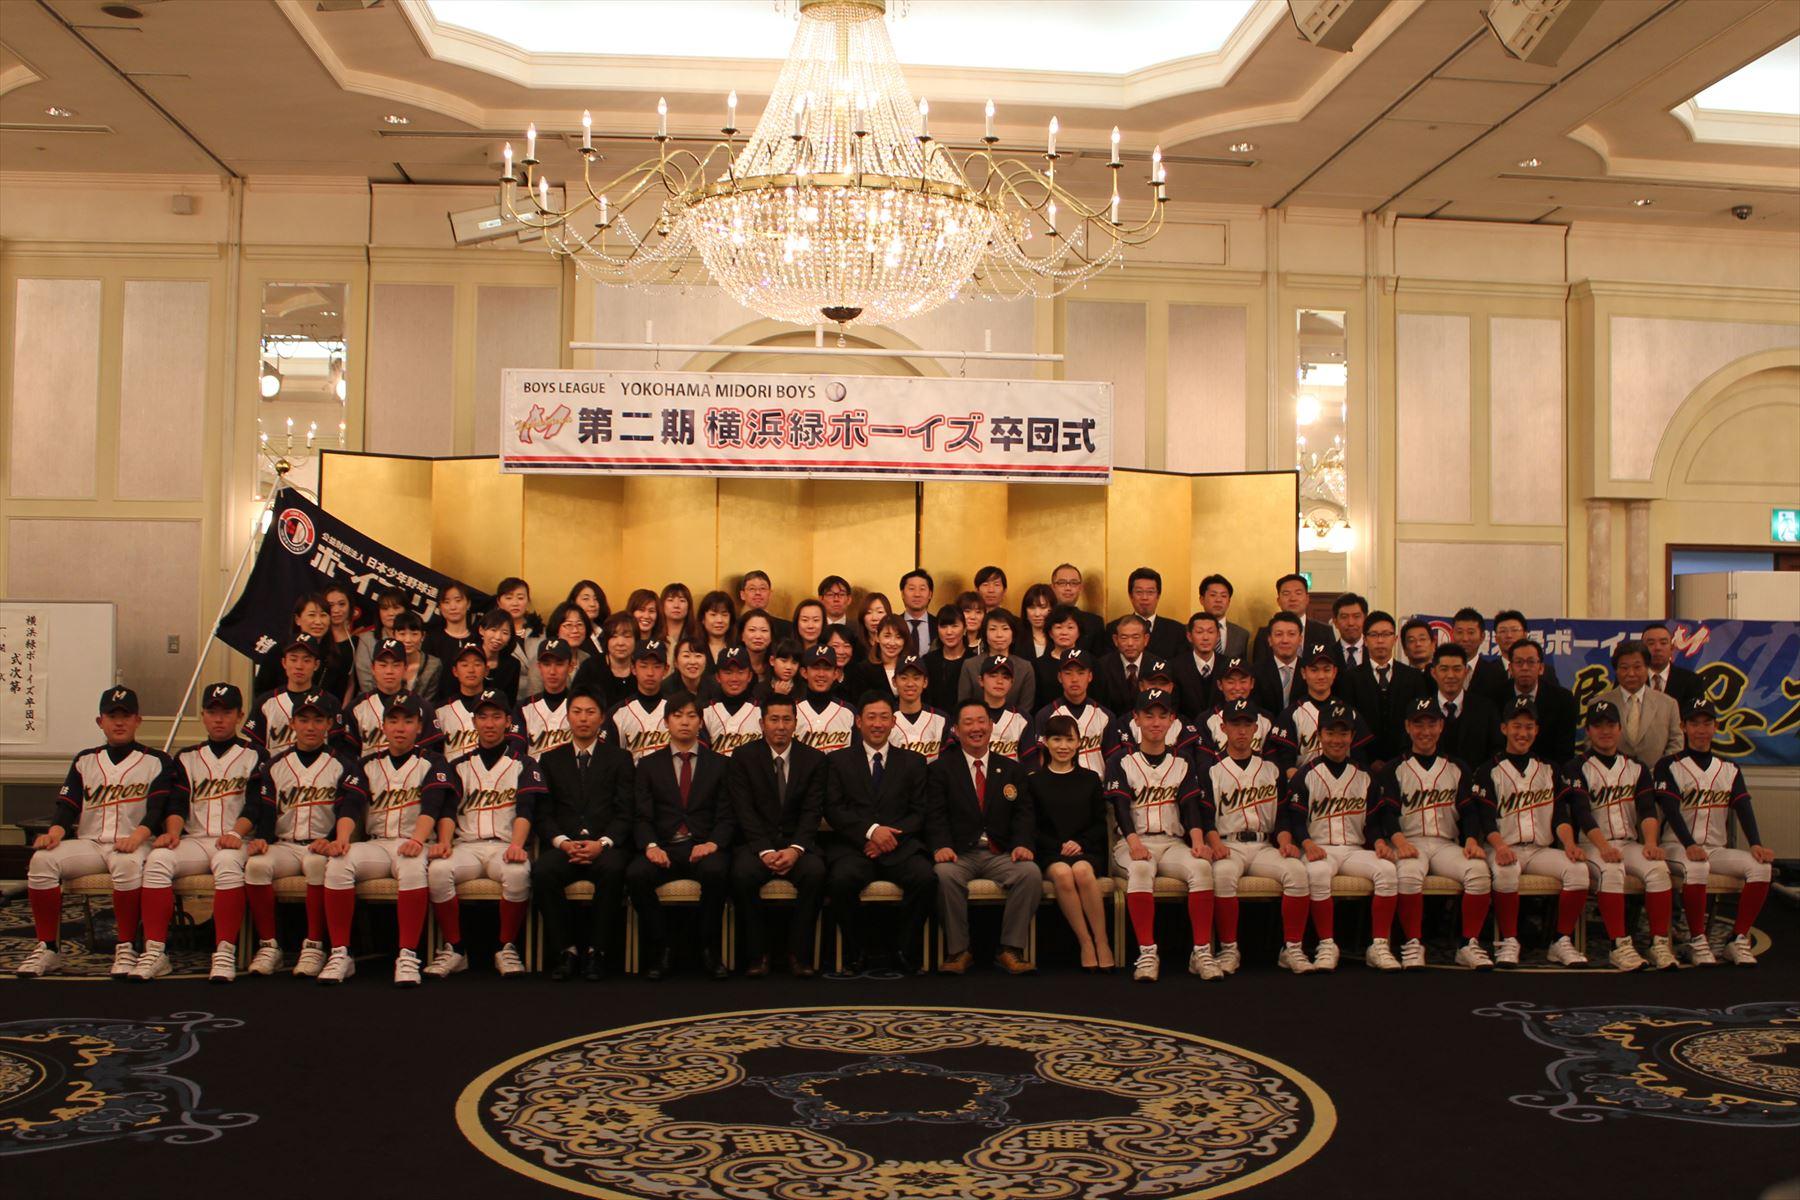 20170225_第二期卒団式